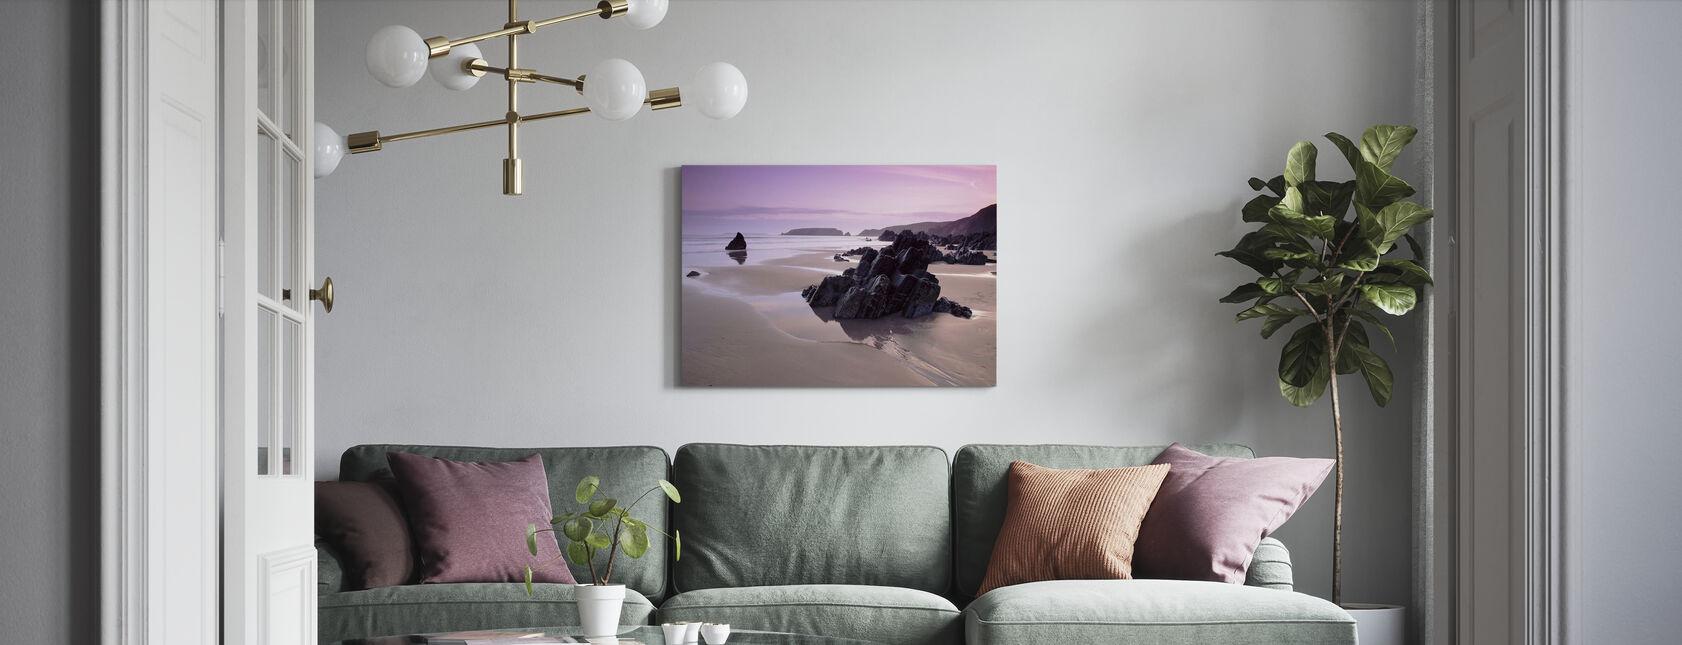 Pembrokeshire - Canvas print - Living Room